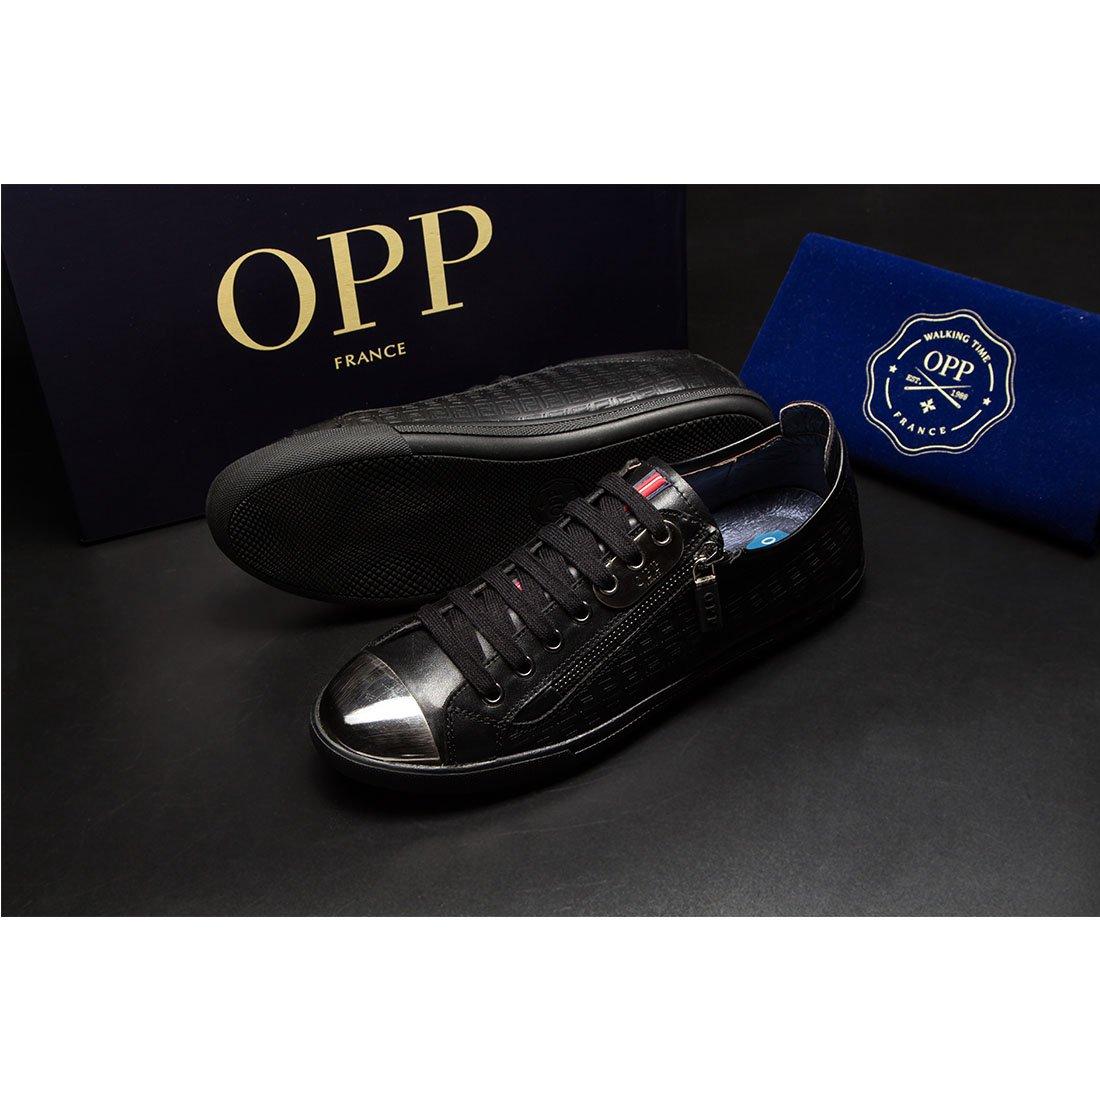 l'océan pacifique hommes hommes hommes / femmes hommes élégants dentelle souliers en cuir repas excellent fiable et robuste réputation nr10713 4252aa